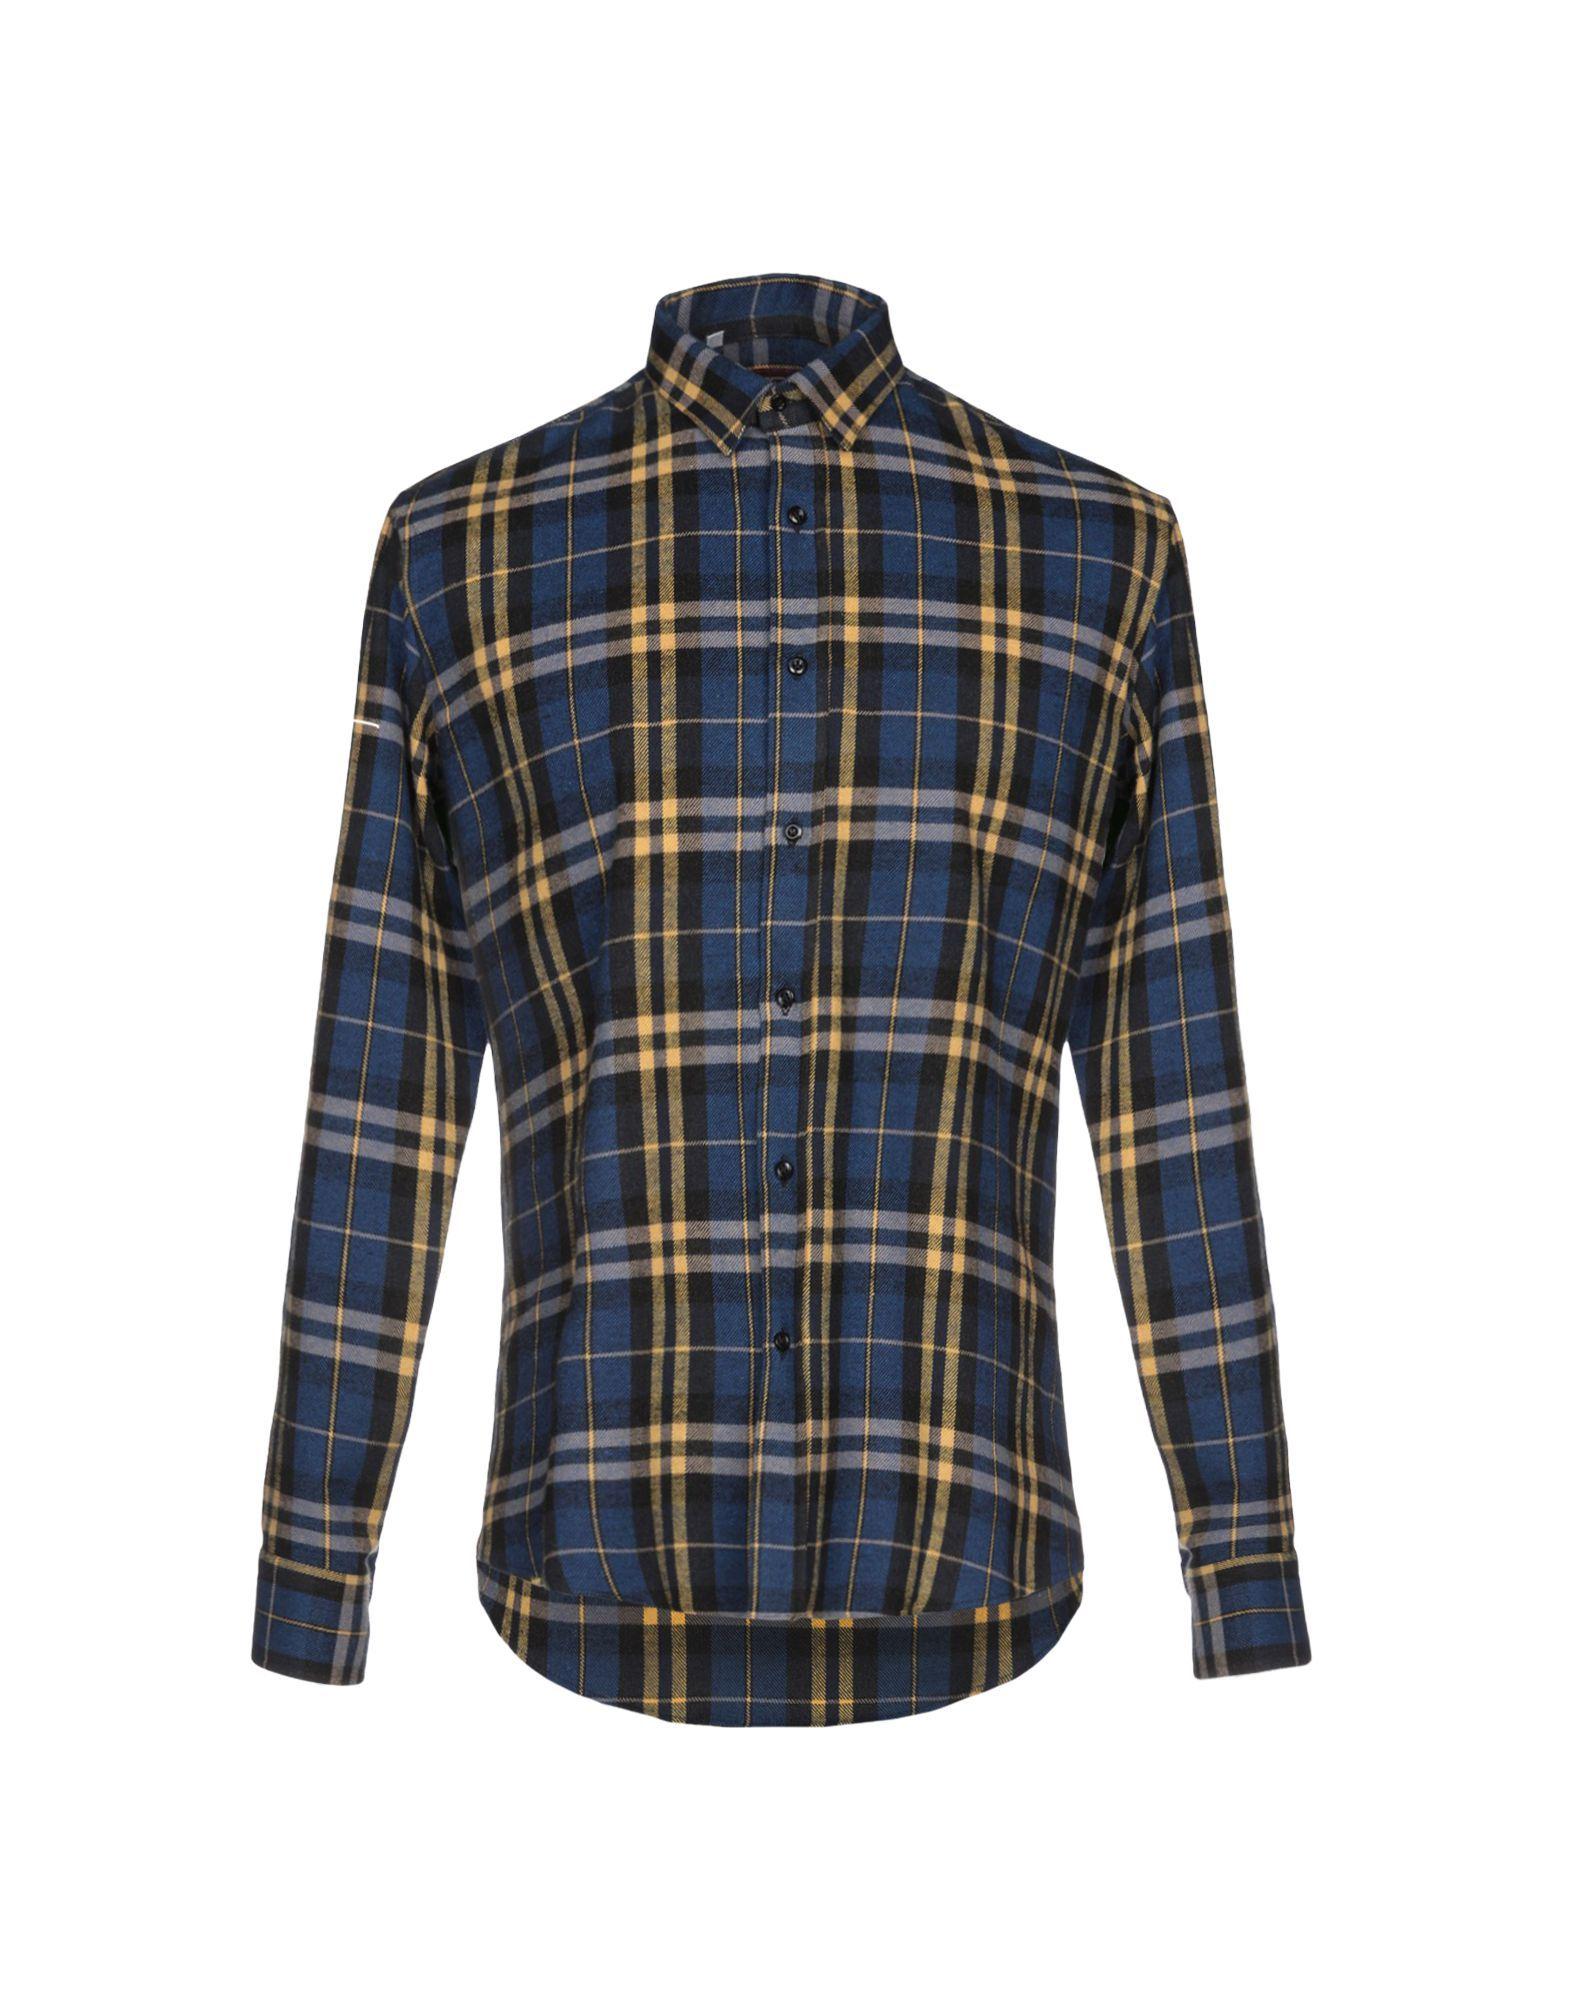 Stella Jean Man Shirts Cotton